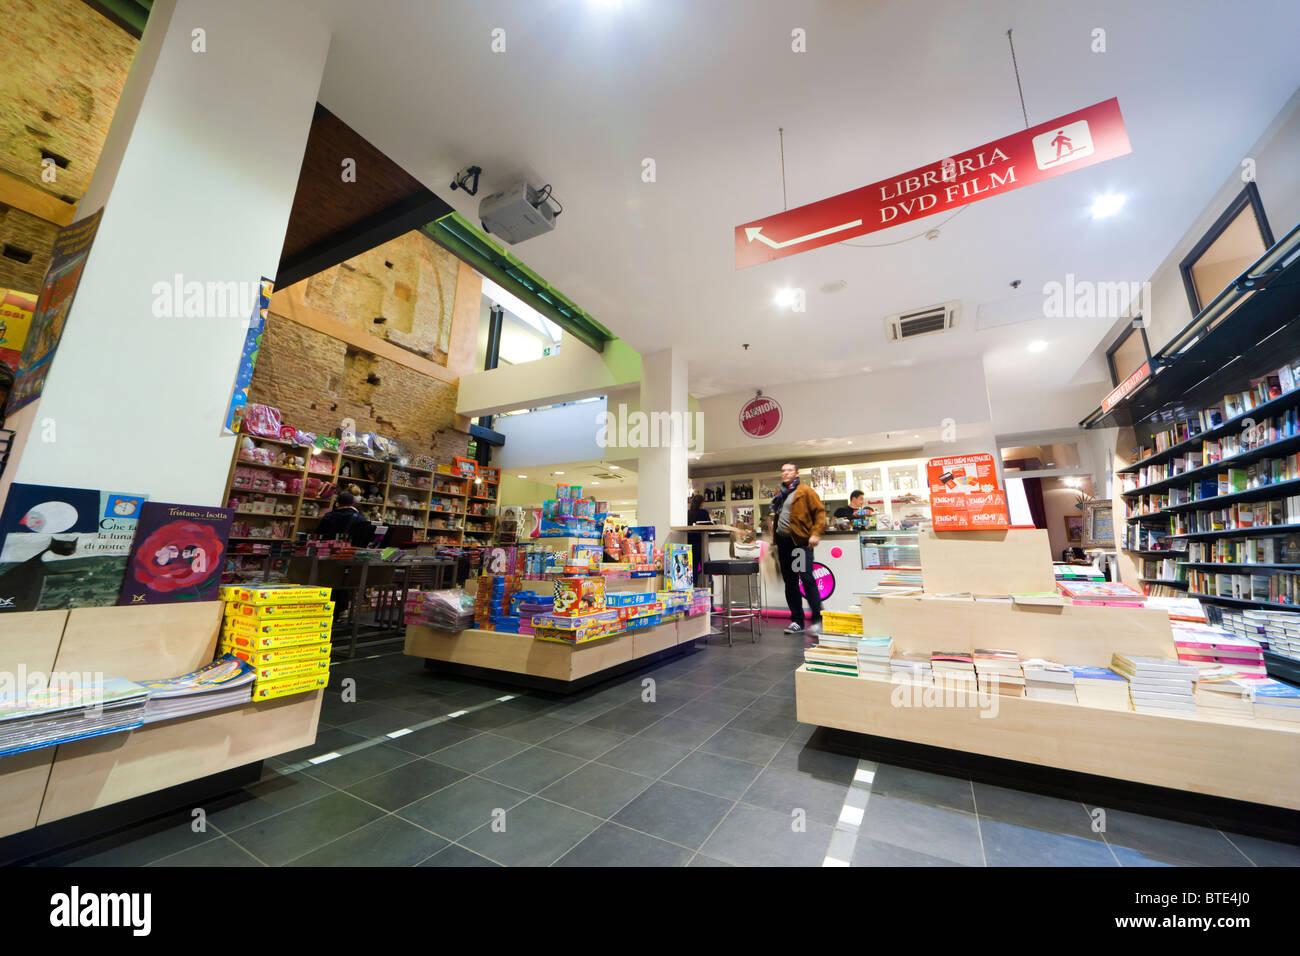 Bologna, Italy, Mondadori book shop interior with coffee bar Stock ...